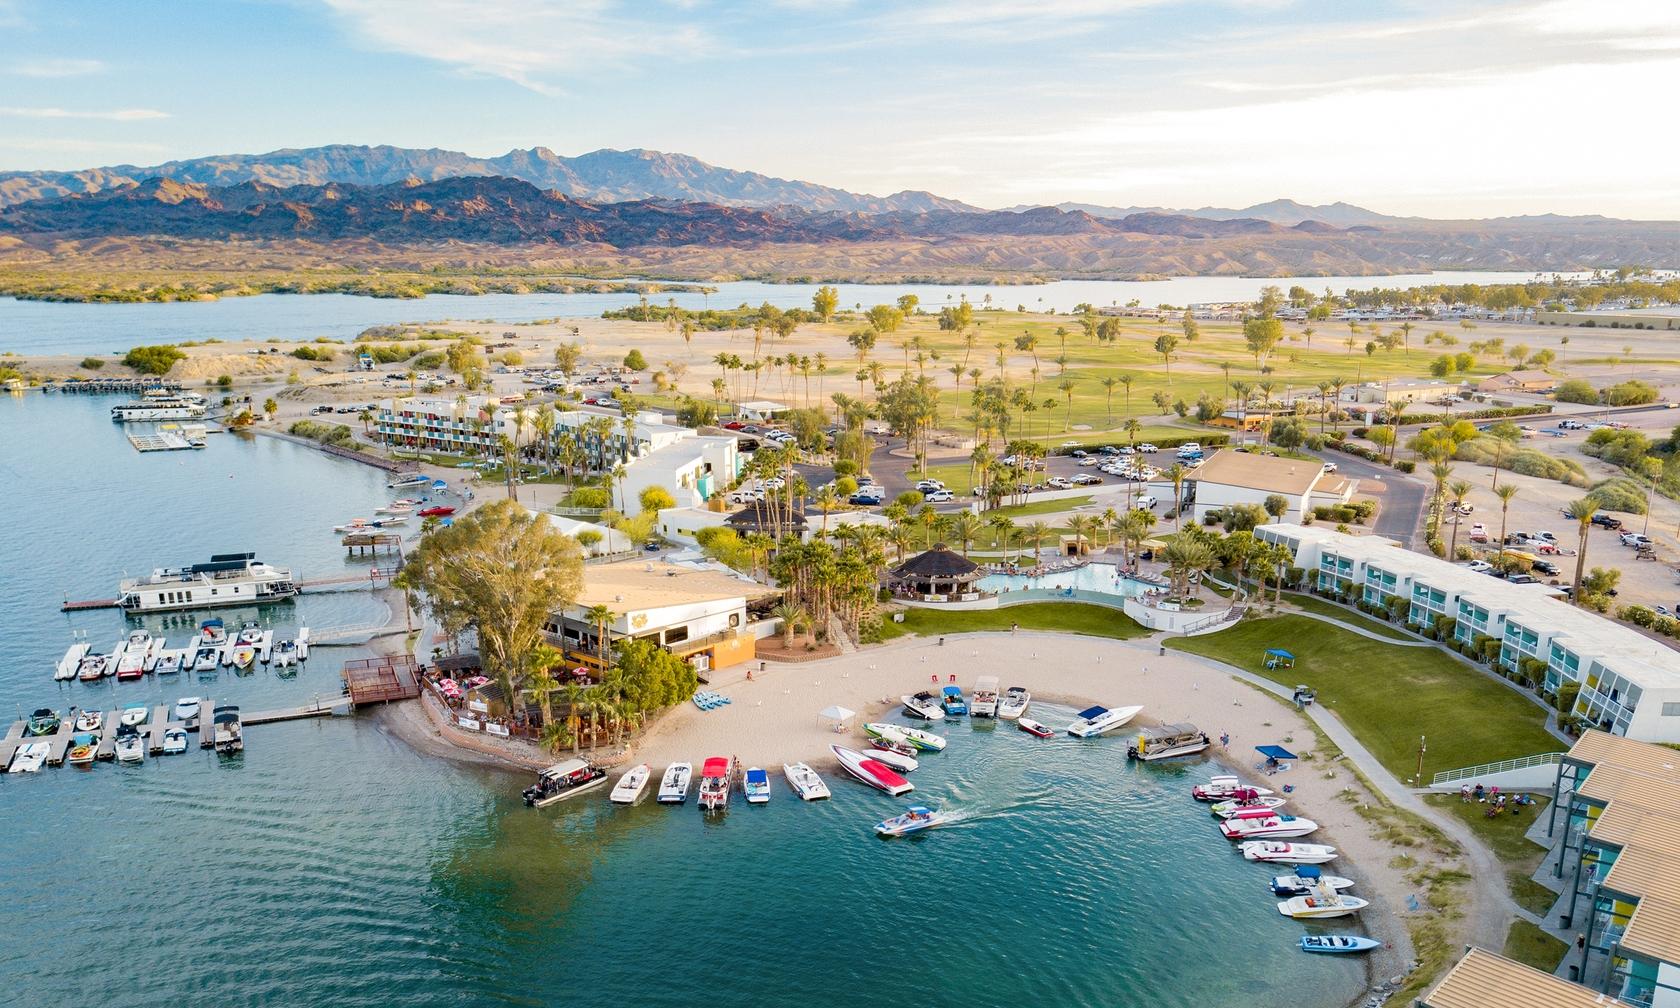 Vacation rentals in Lake Havasu City